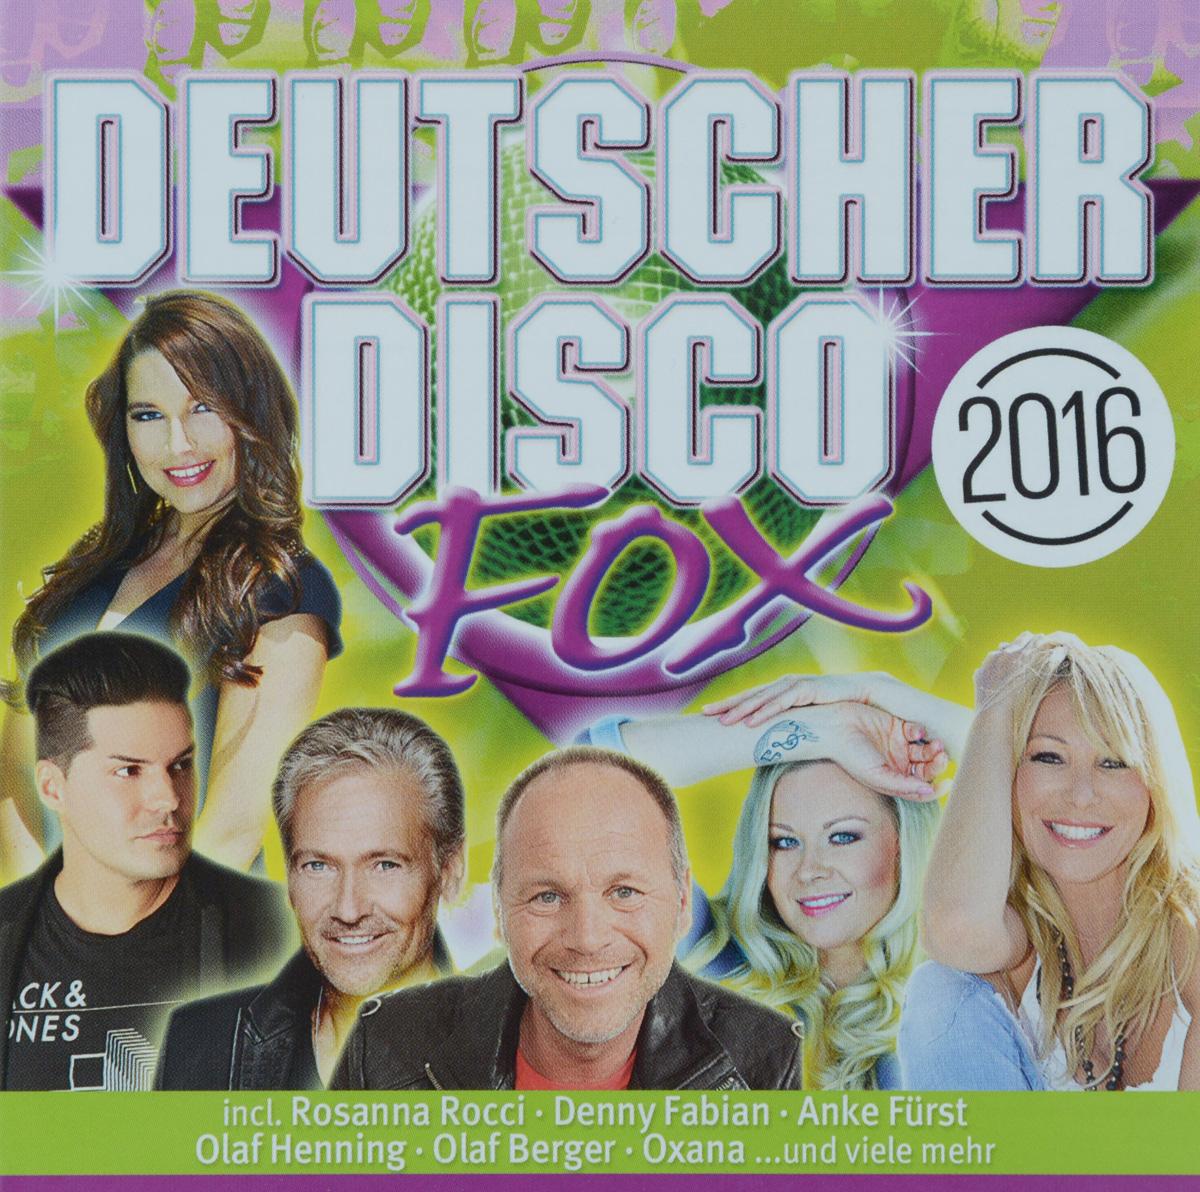 Сэнди Вагнер Deutscher Disco Fox 2016 (2 CD) disco house 2016 2 cd